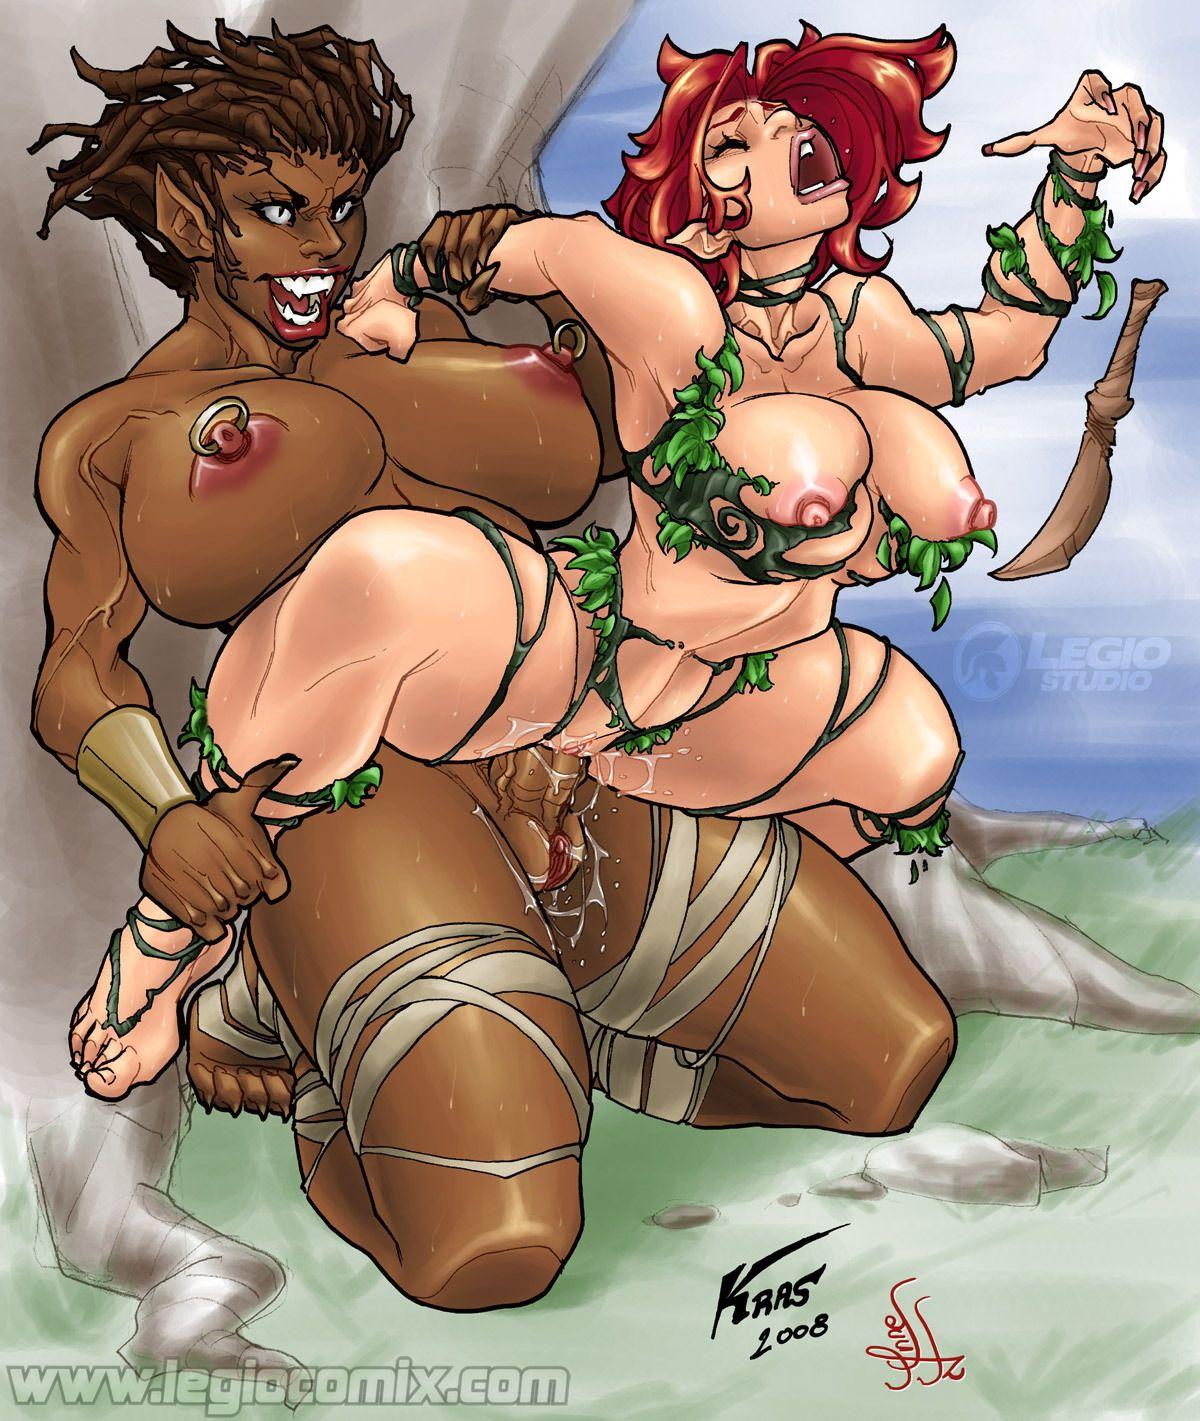 Adventures porn comics